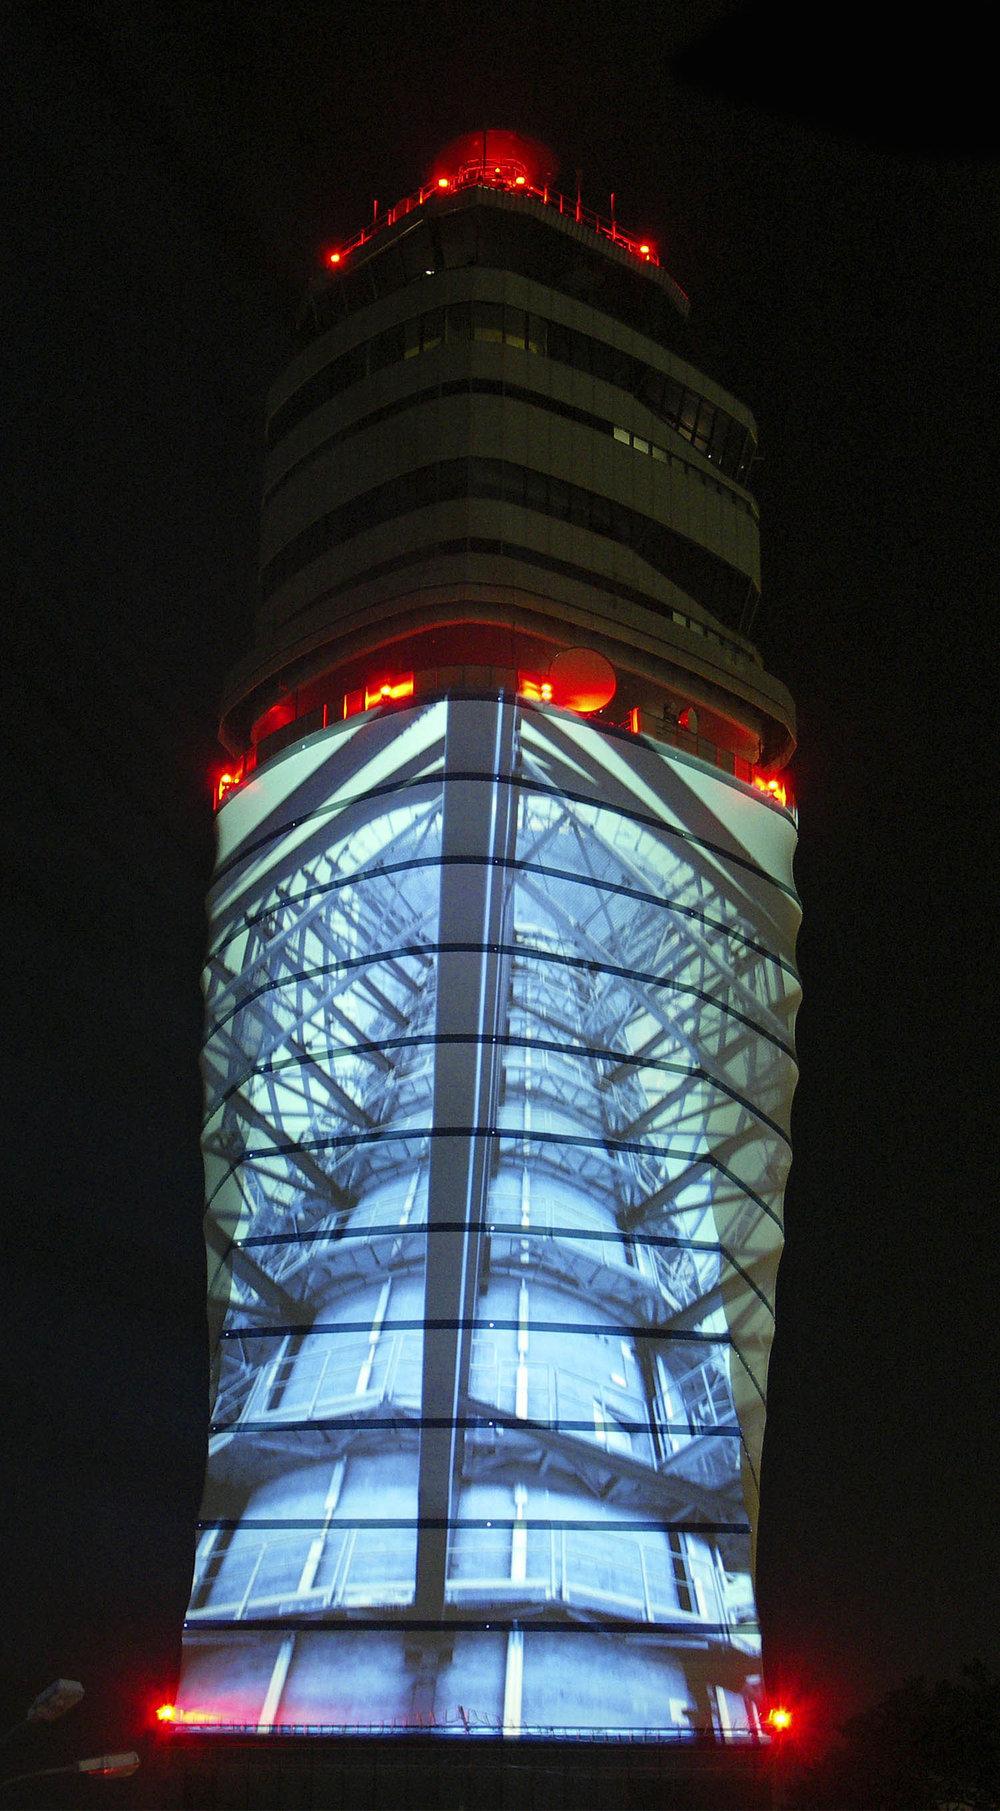 ControlTowerFlughafenWien_Eroeffnung2005_13.jpg